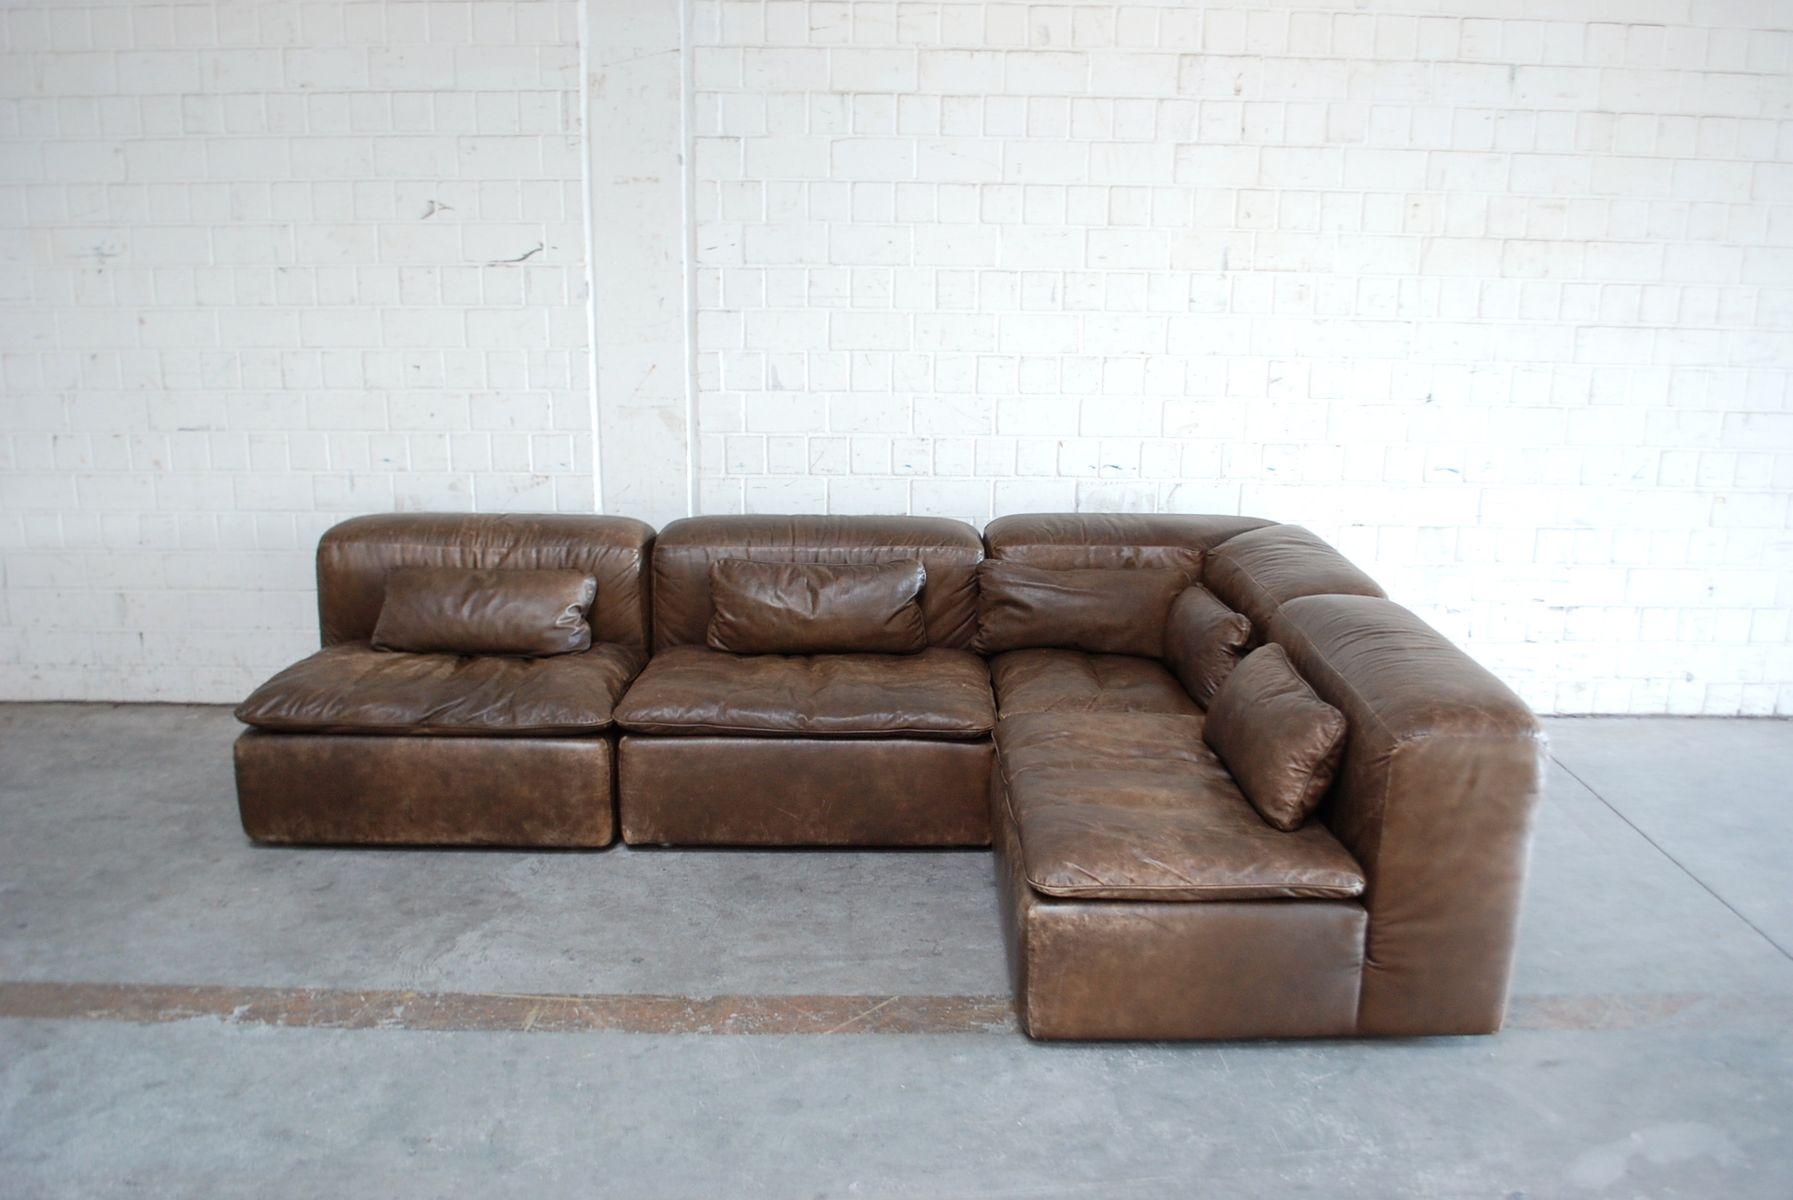 Vintage Modular WK 550 Leather Sofa Set by Ernst Martin Dettinger